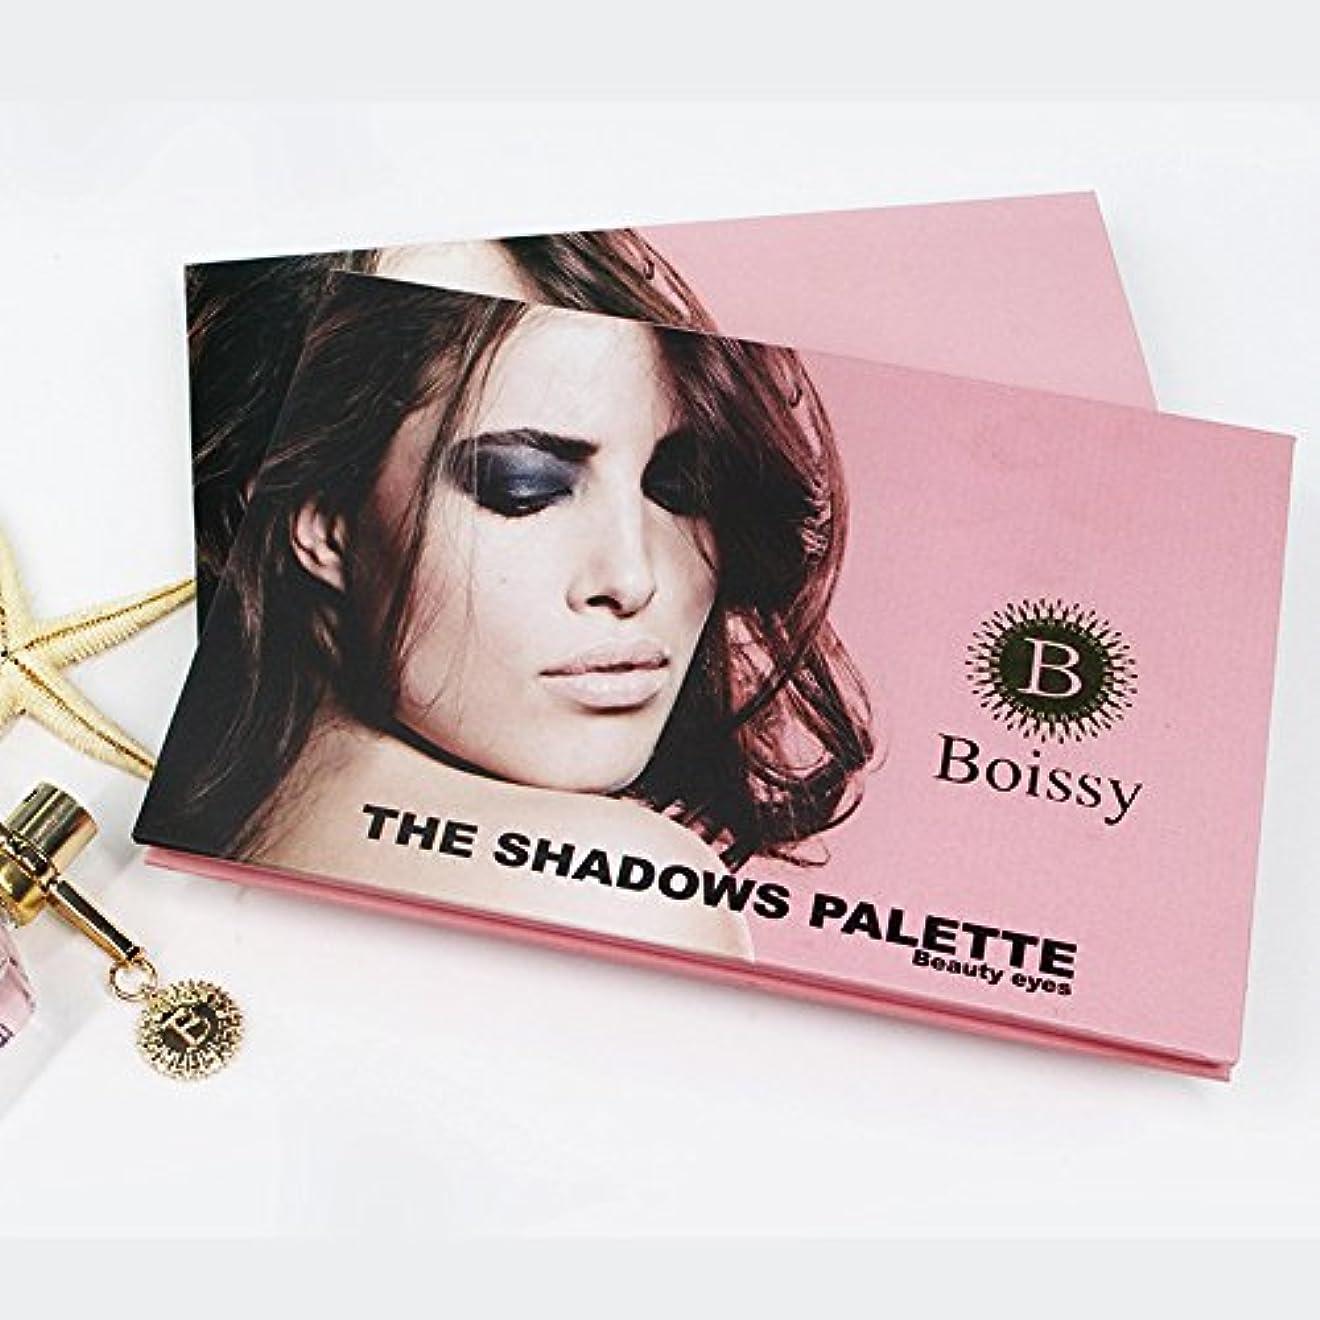 櫛旅客アルミニウムAkane アイシャドウパレット BOISSY ファッション 可愛い 魅力的 キラキラ 人気 ピンク 綺麗 長持ち おしゃれ 防水 チャーム 日常 持ち便利 Eye Shadow (24色)